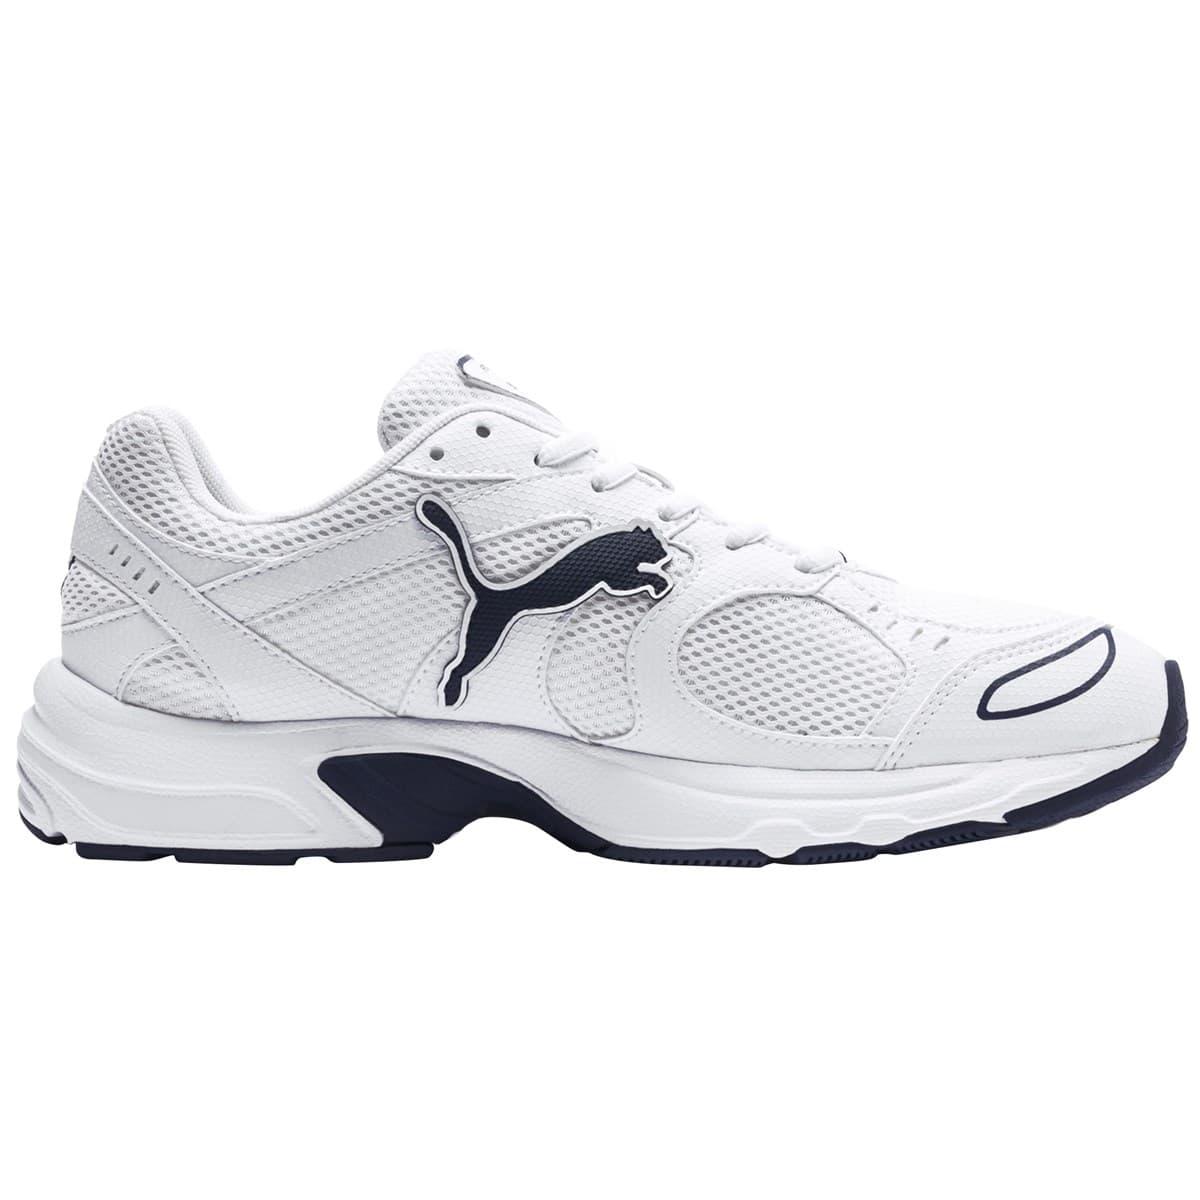 Axis Unisex Beyaz Spor Ayakkabı